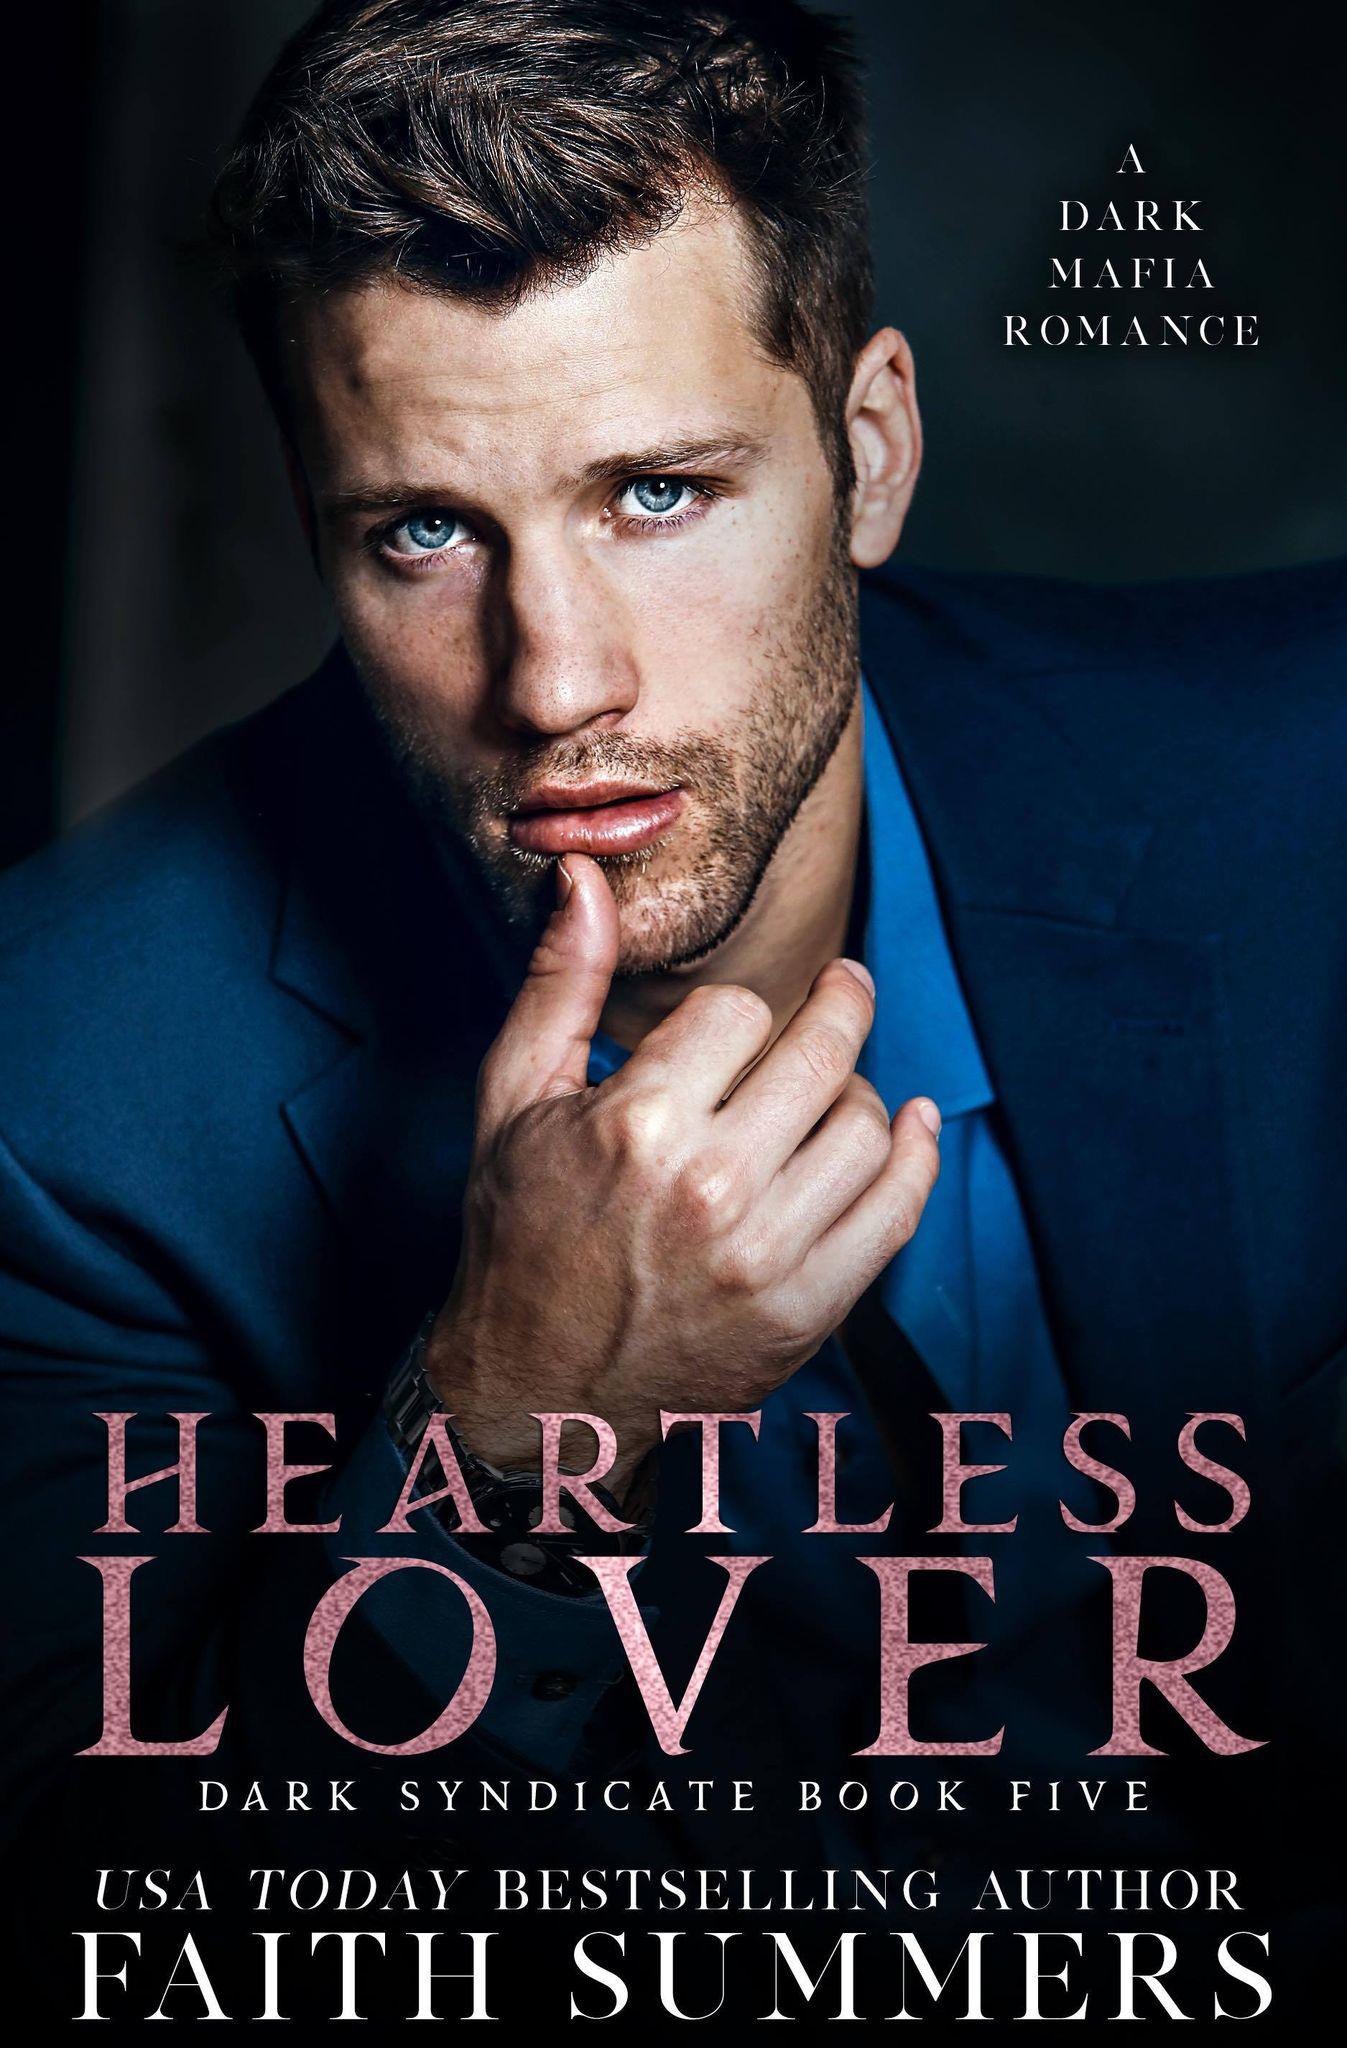 HEARTLESS LOVER